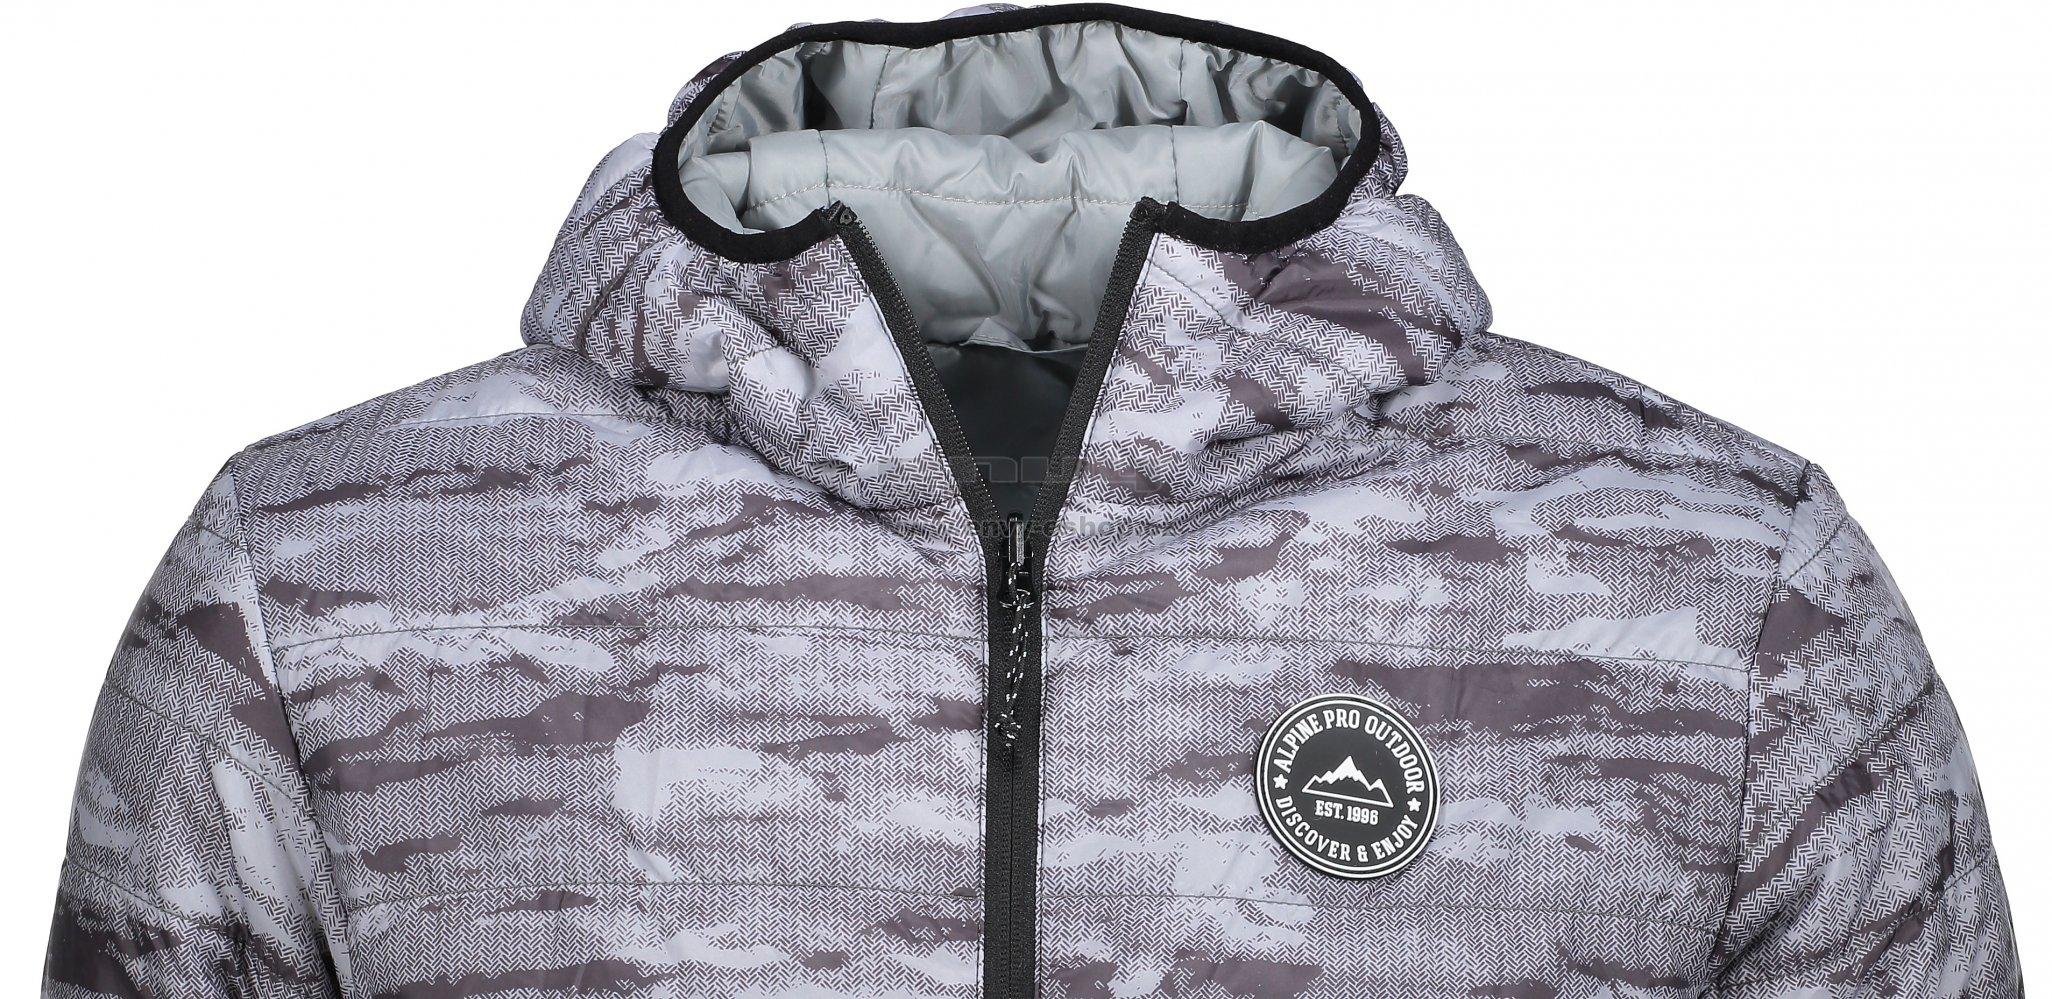 Pánská zimní oboustranná bunda ALPINE PRO HOPER MJCM326 ŠEDÁ ... 5838eed0599